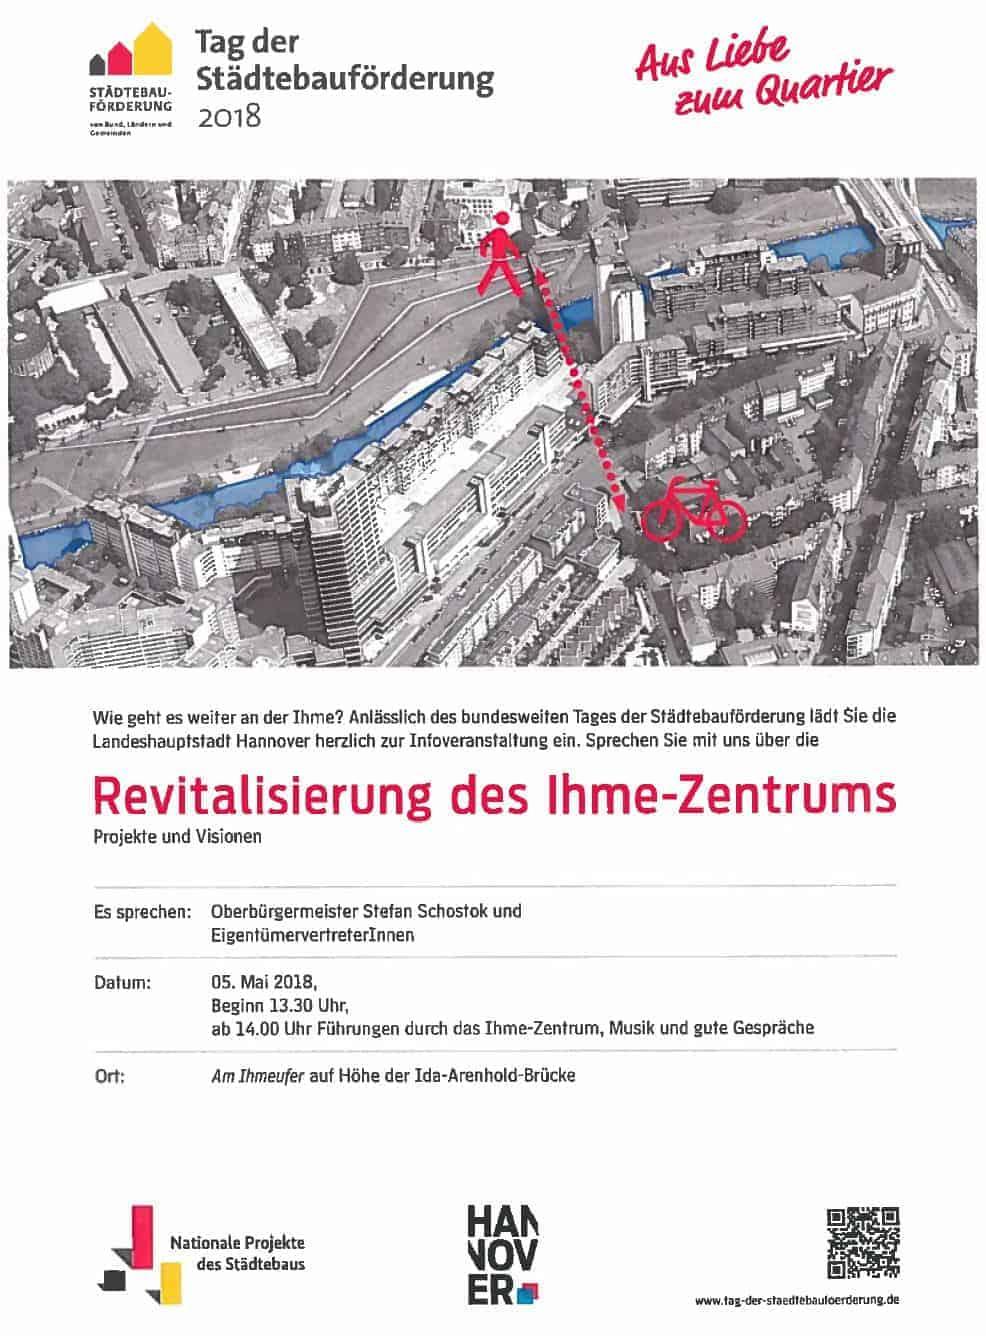 018 - EINLADUNG: Revitalisierung des Ihme-Zentrums - Projekte und Visionen - 05.05.2018